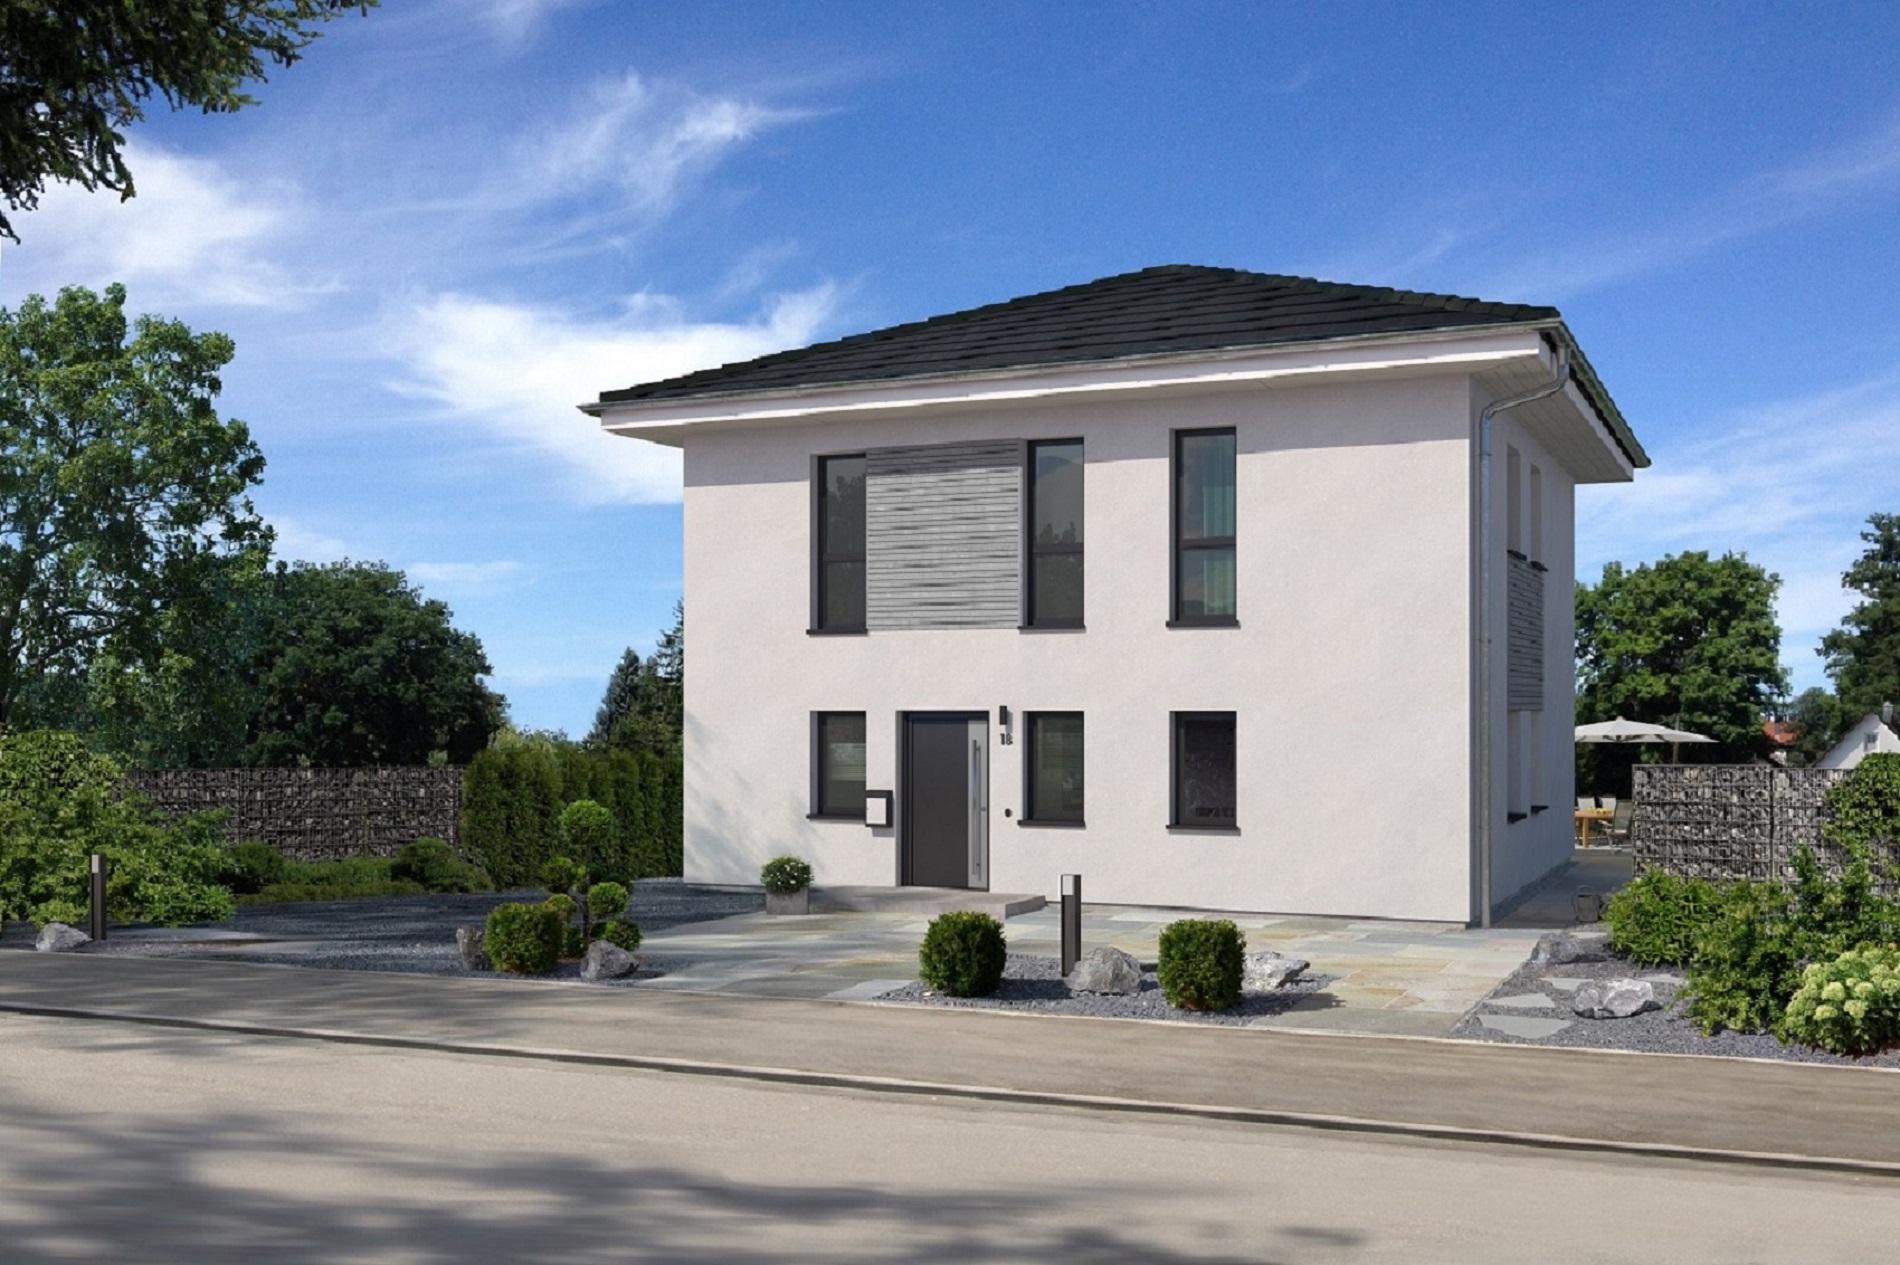 tolles wohngef hl und viel platz f r die familie streif city streif haus gmbh anbieter. Black Bedroom Furniture Sets. Home Design Ideas